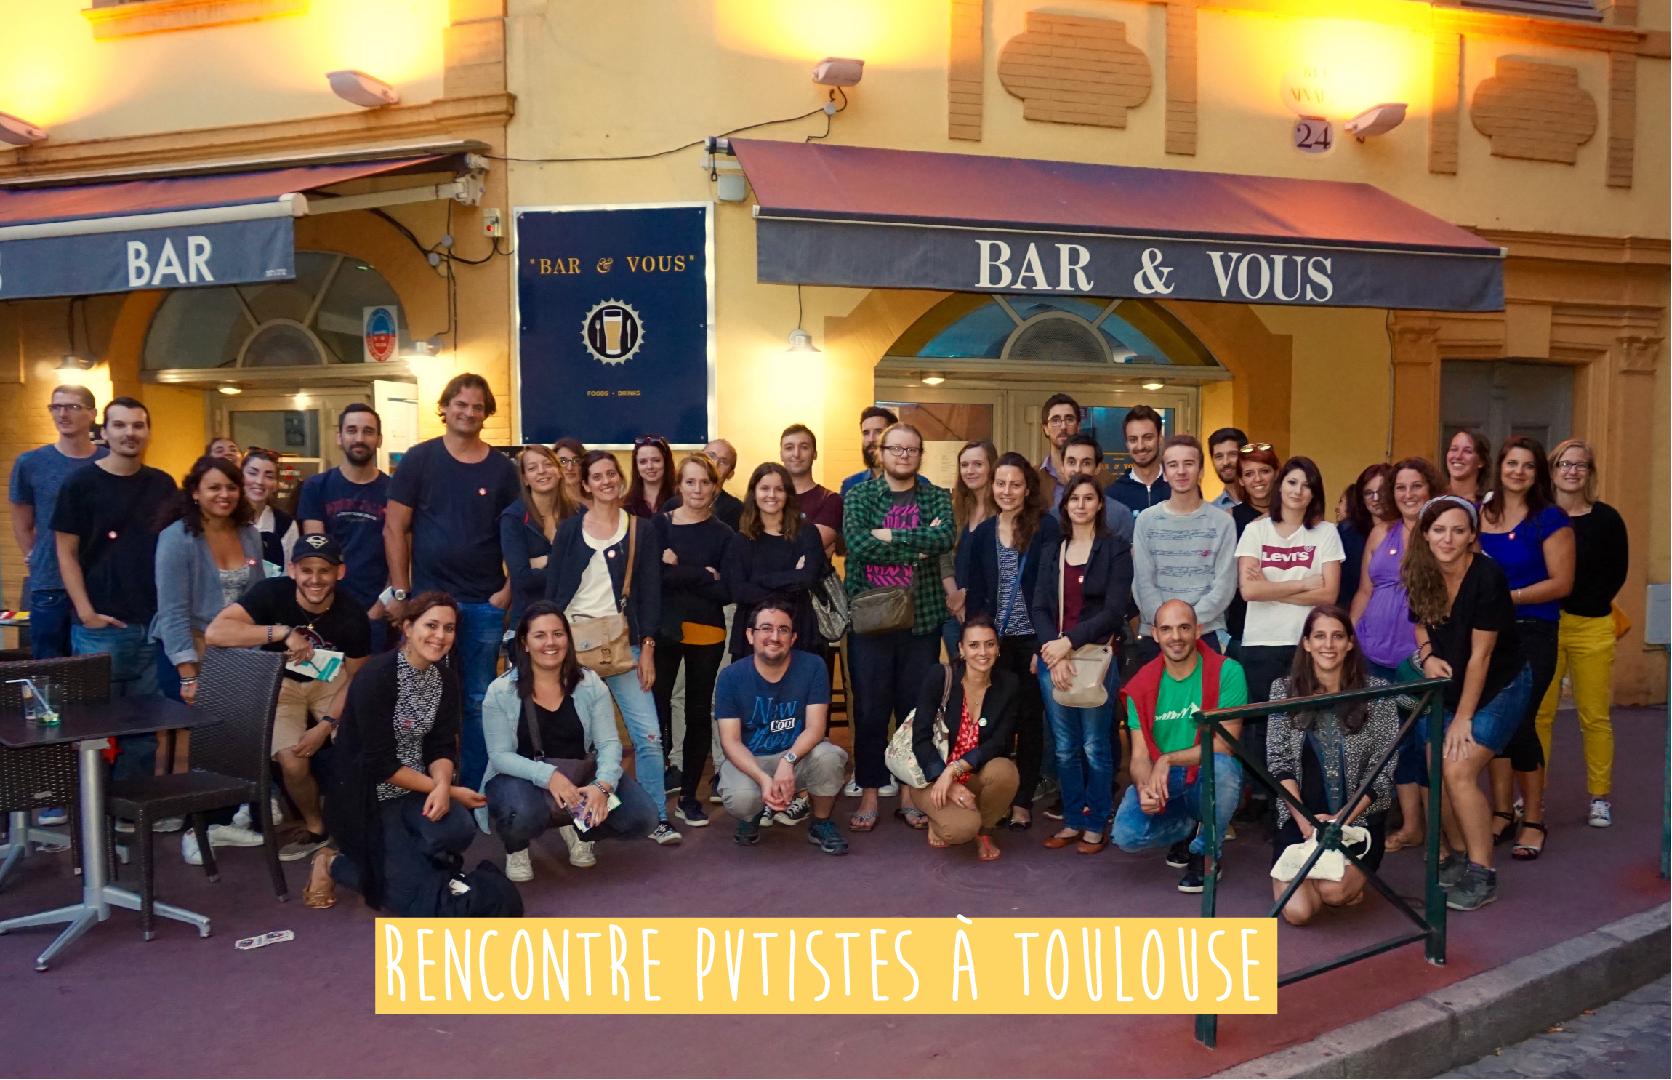 Pvtistes Tour Toulouse